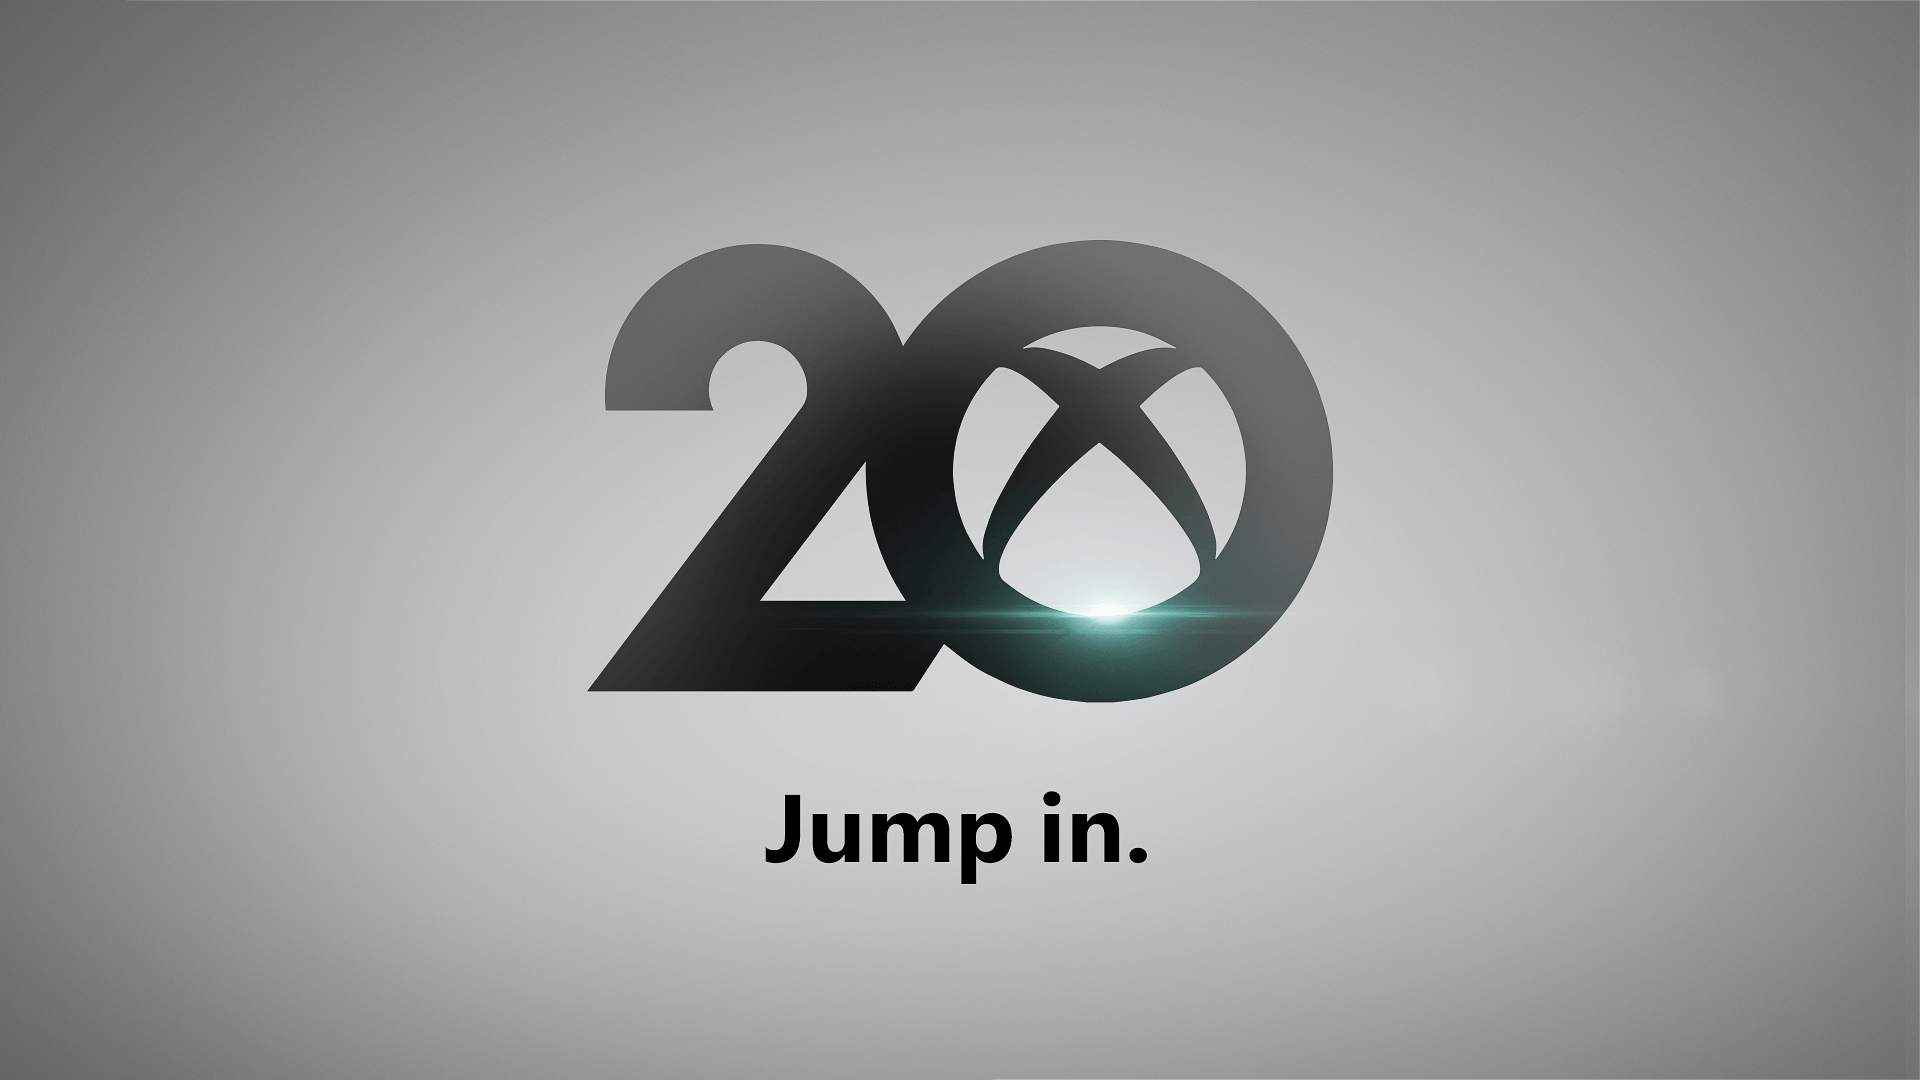 Xbox compie 20 anni! Al via le celebrazioni